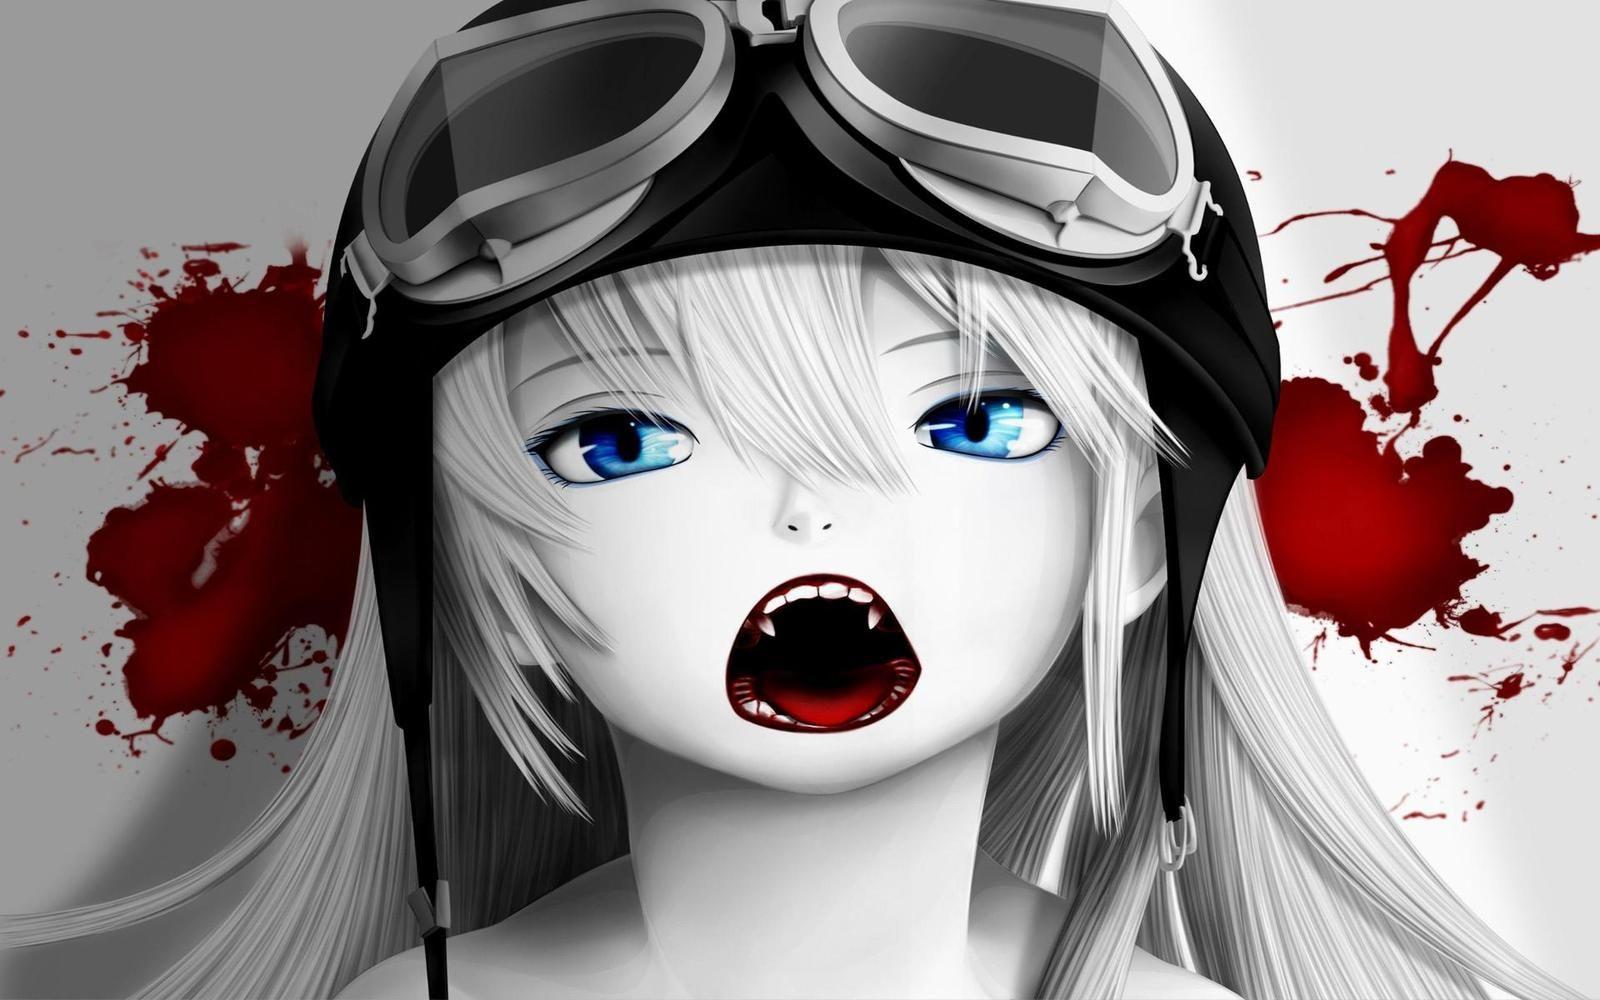 Bloody anime vampire girl